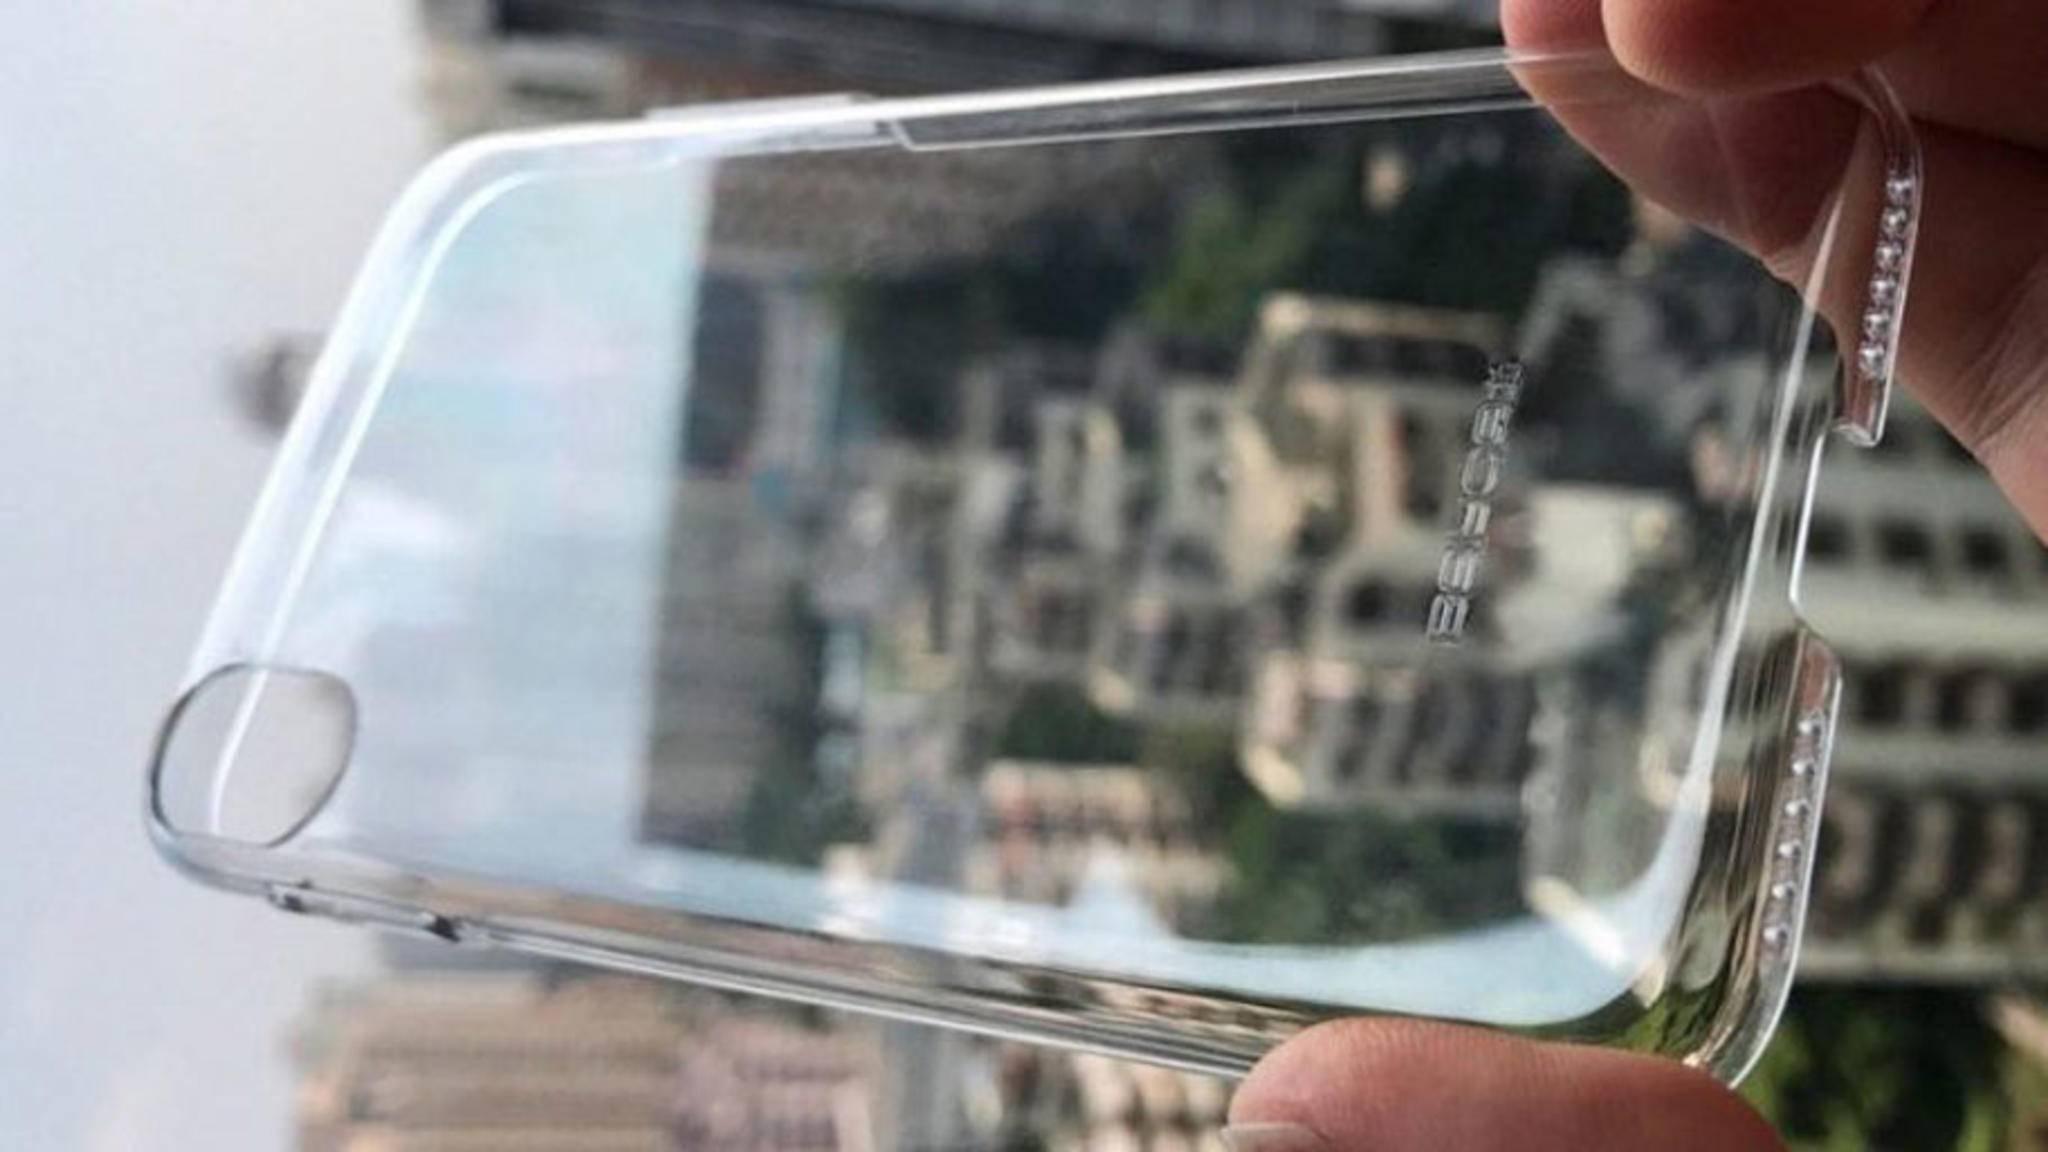 Soll dieses Case tatsächlich für das iPhone 8 gedacht sein?